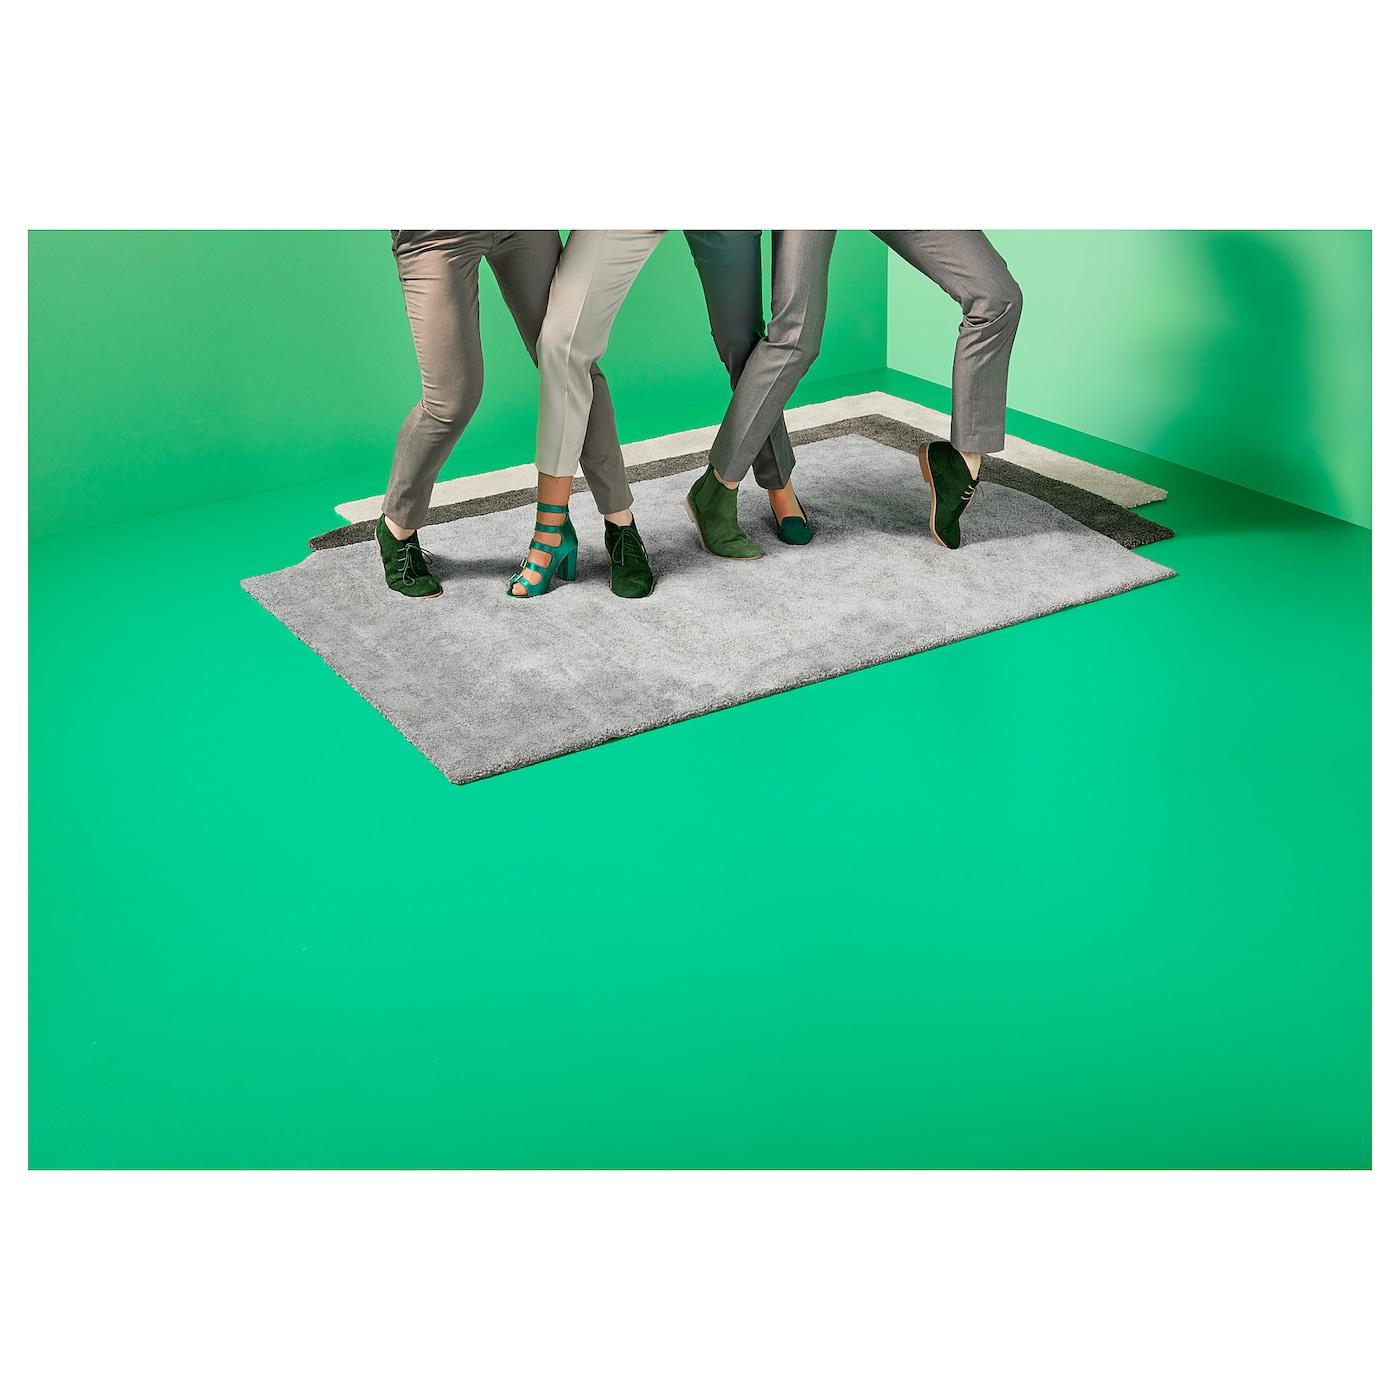 Ikea Hemmahos Rug Gray 603.566.91 Size 39 3//8x63